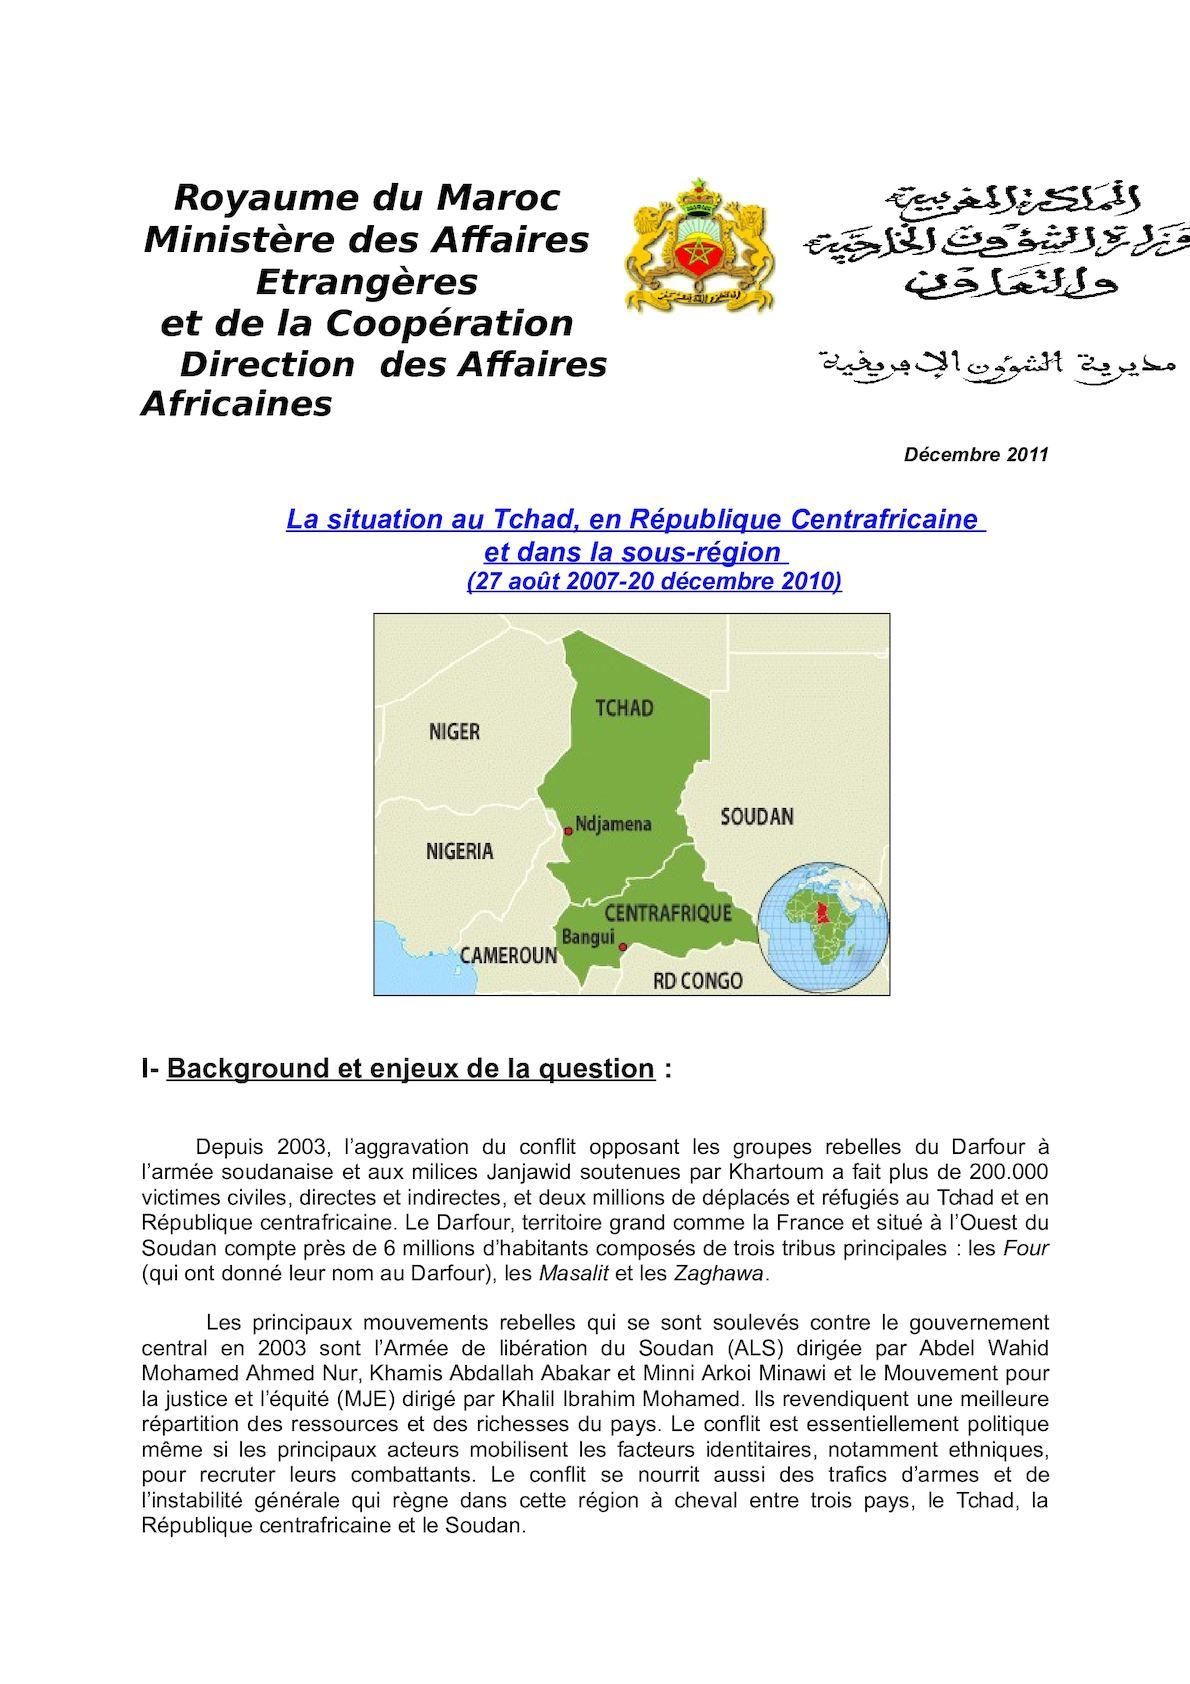 Situation Au Tchad, Centrafrique Et Sous Région